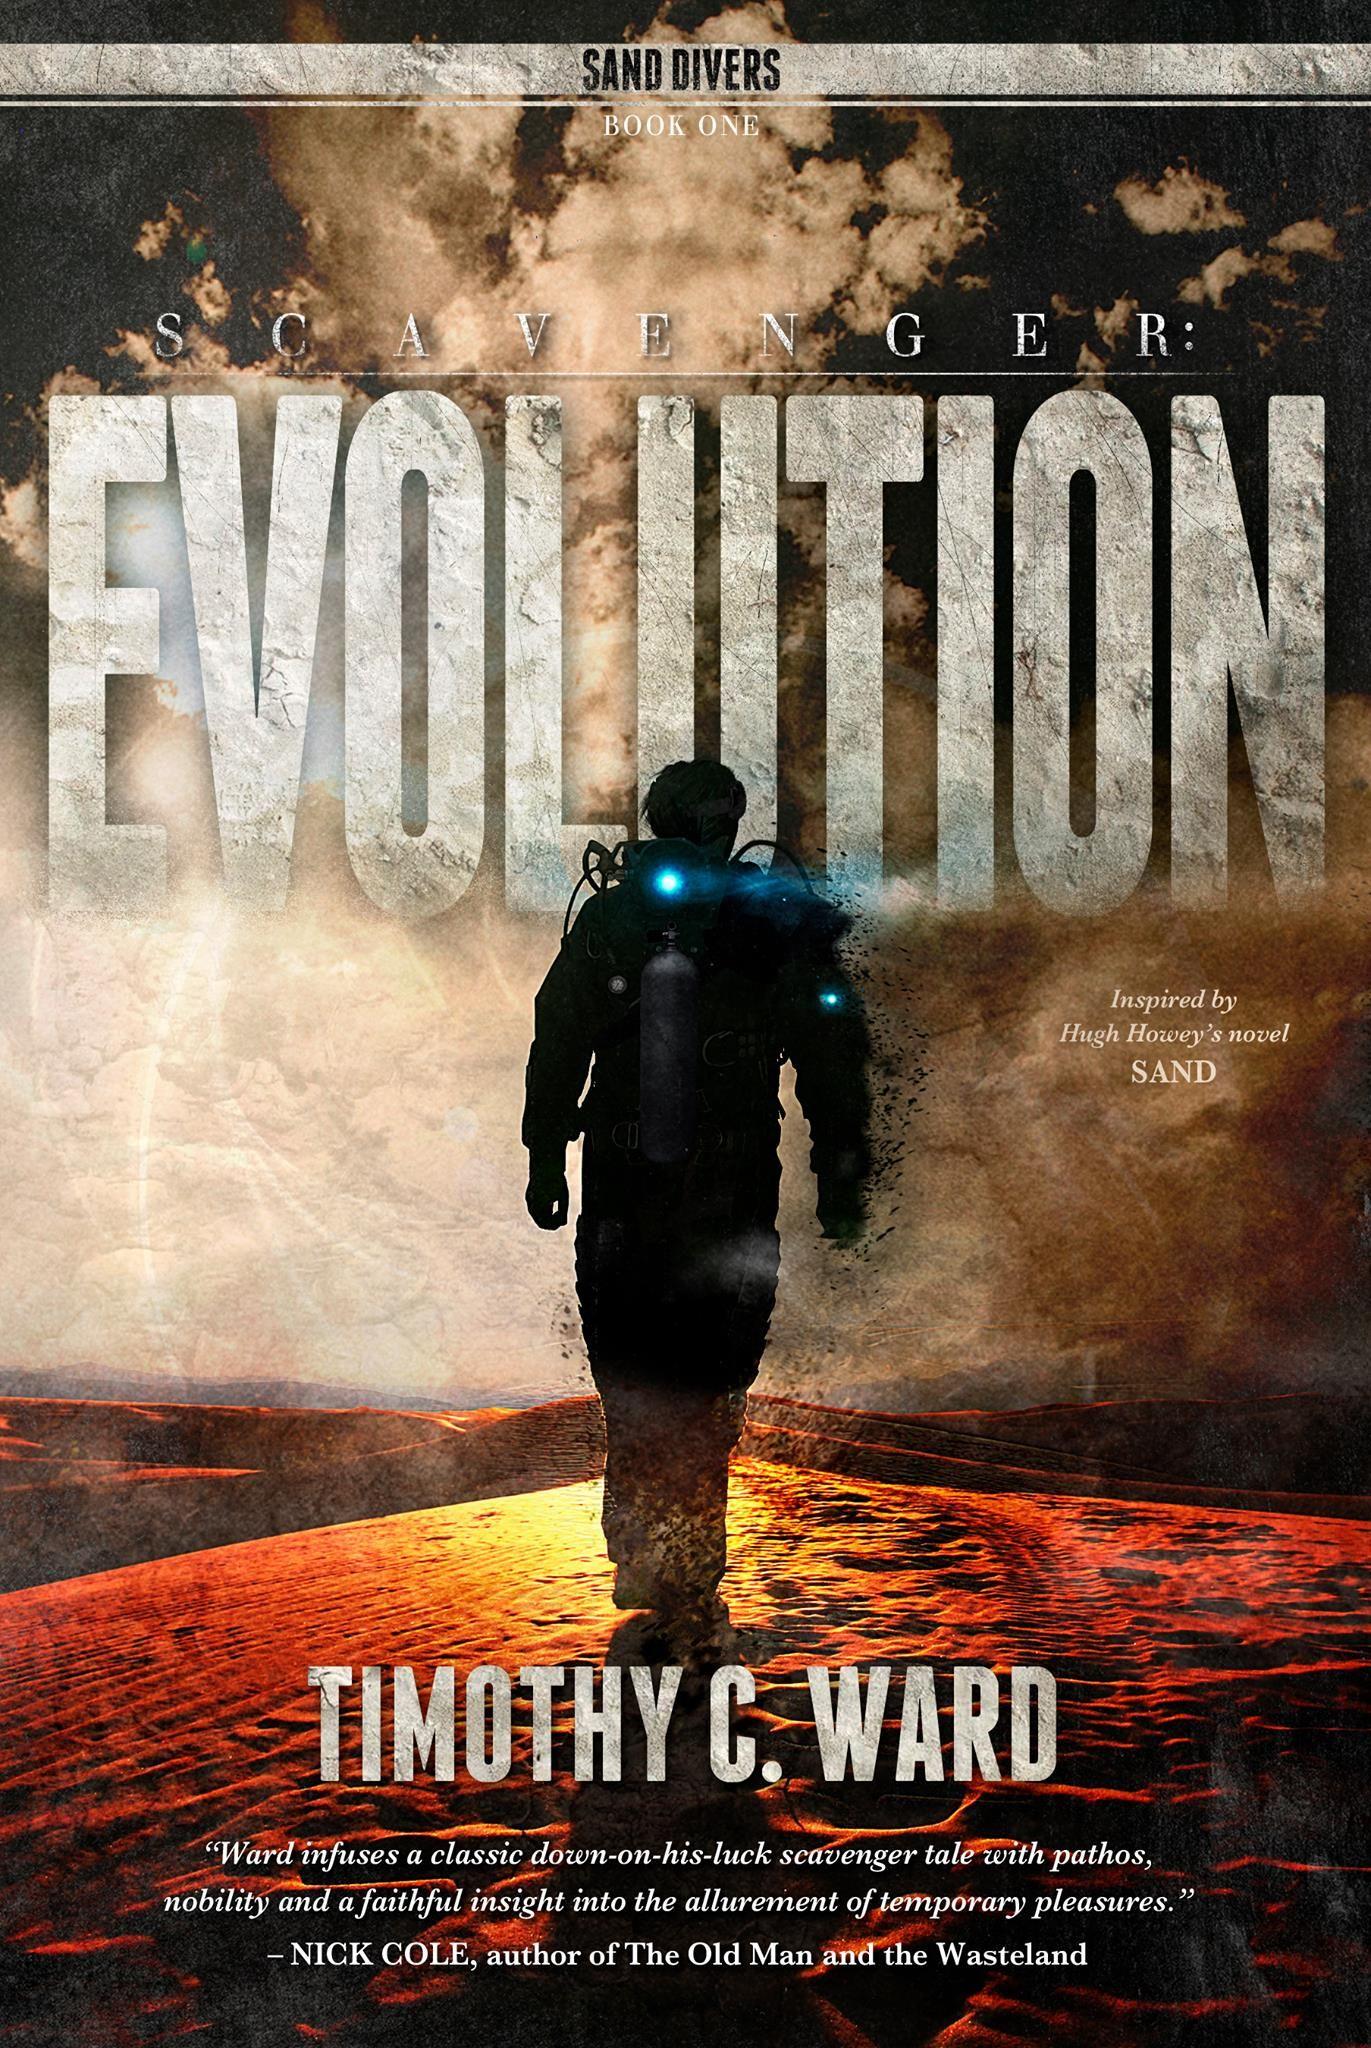 Scavenger-Evolution final front